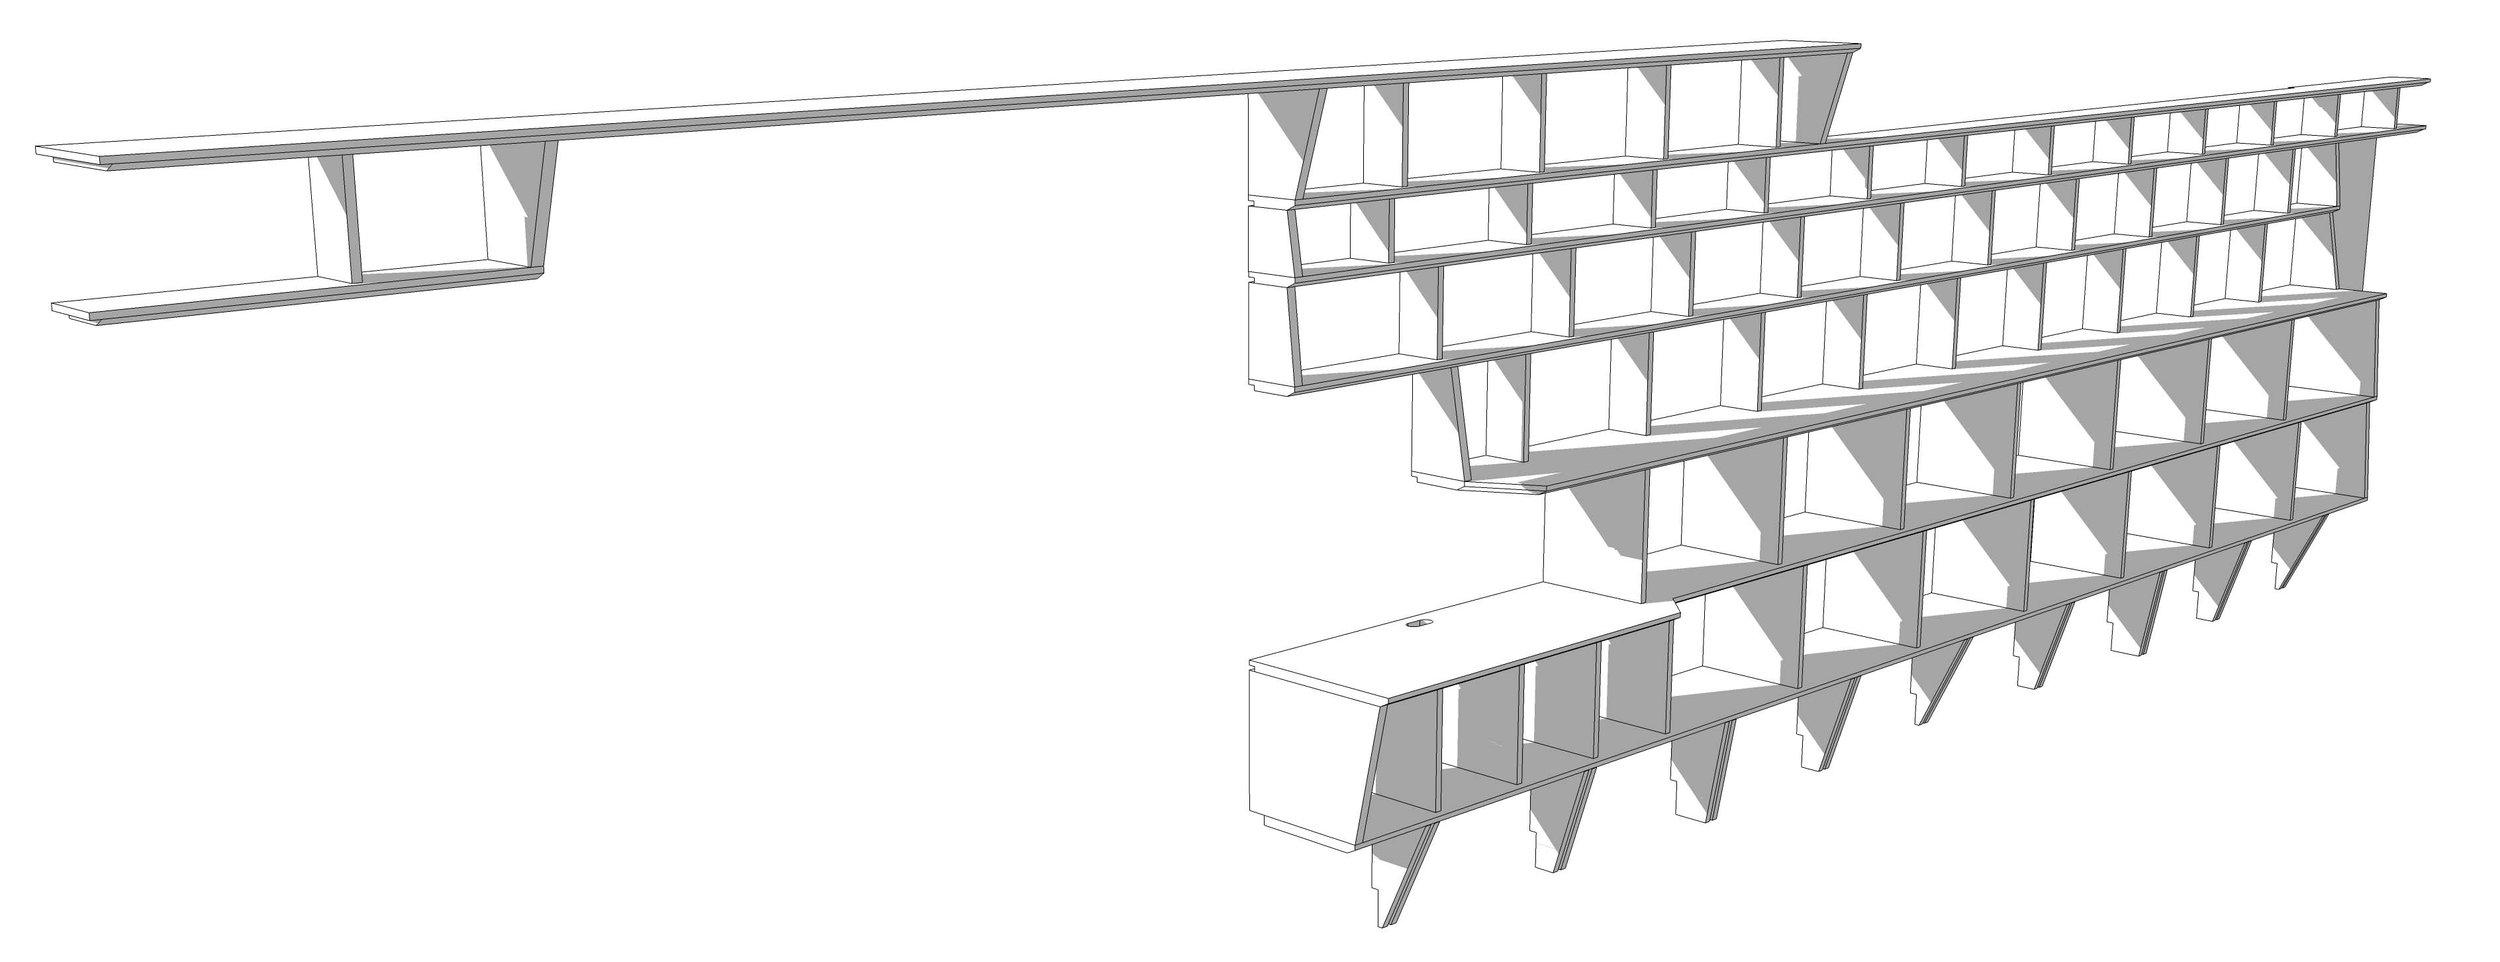 HIAS Bookshelf axo B&W.jpg